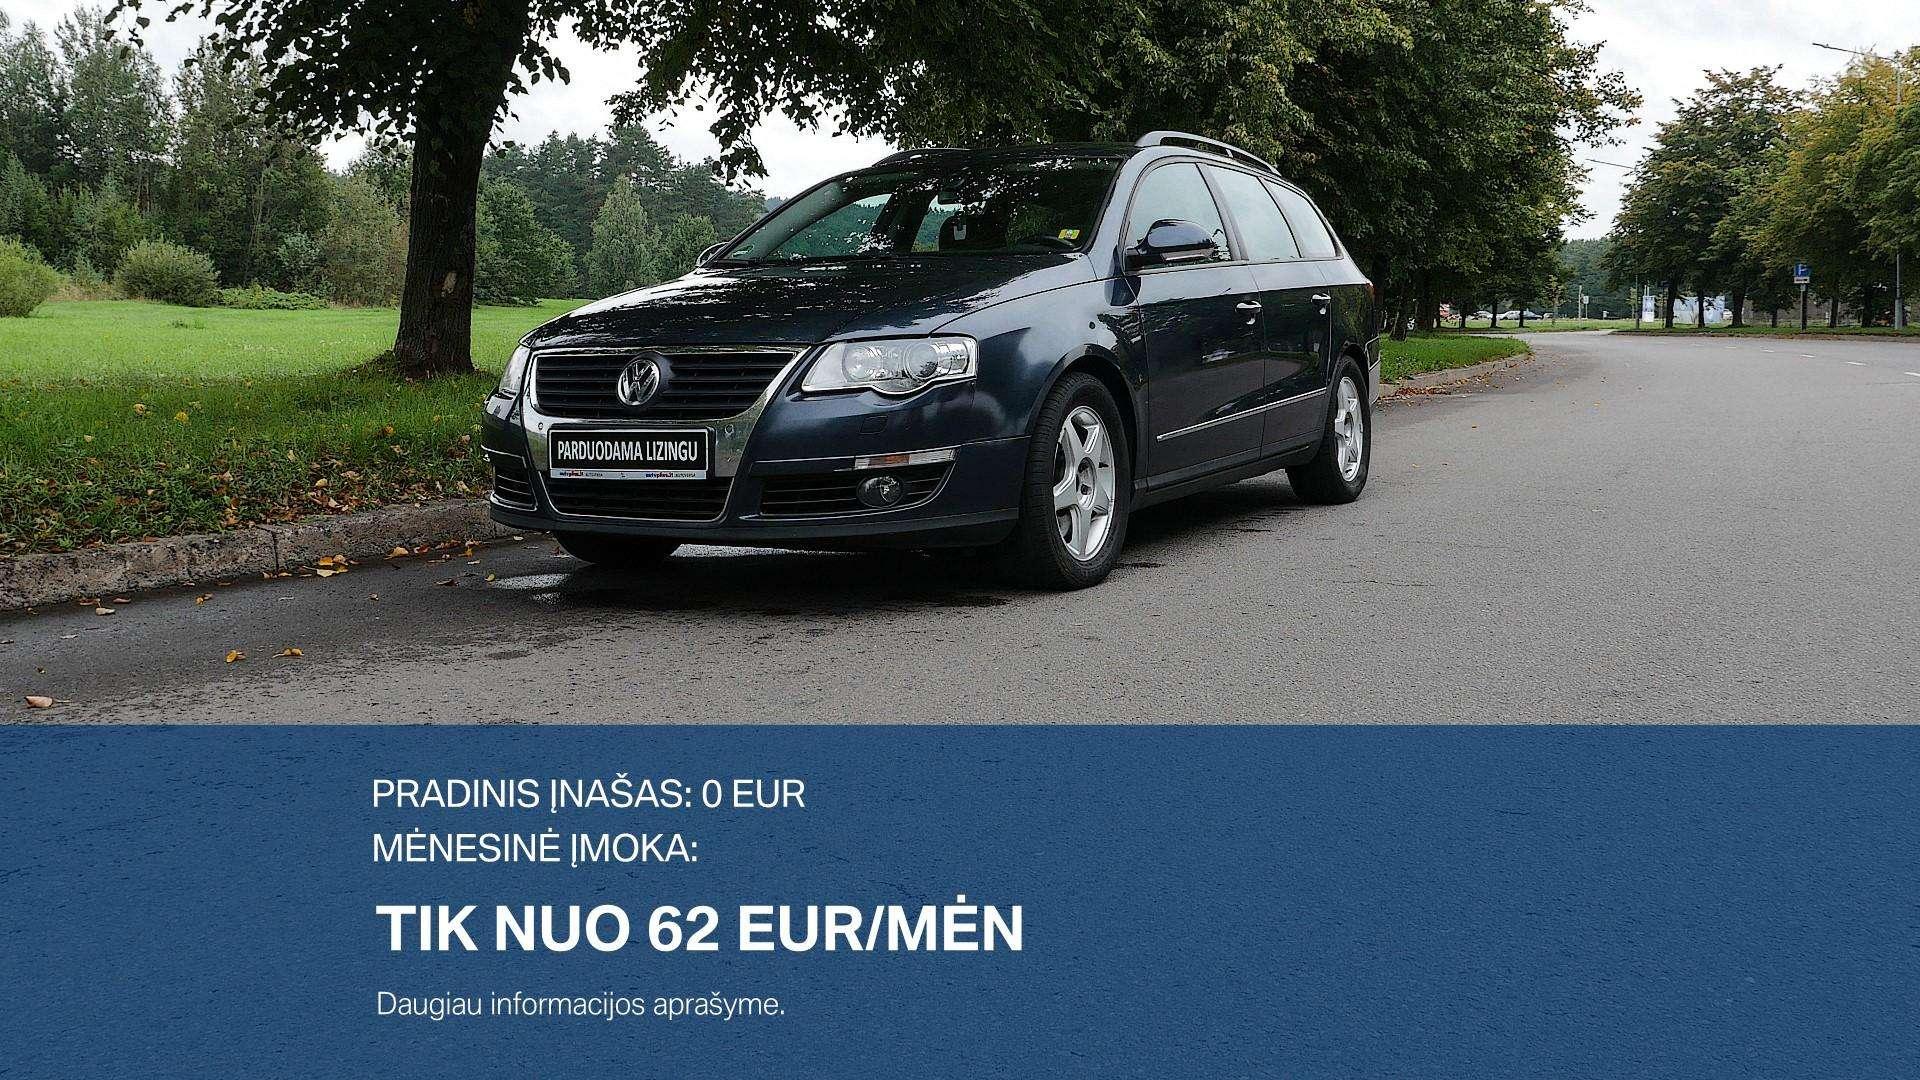 Volkswagen Passat Išsimokėtinai nuo 62Eur/Mėn su 3 mėnesių garantija